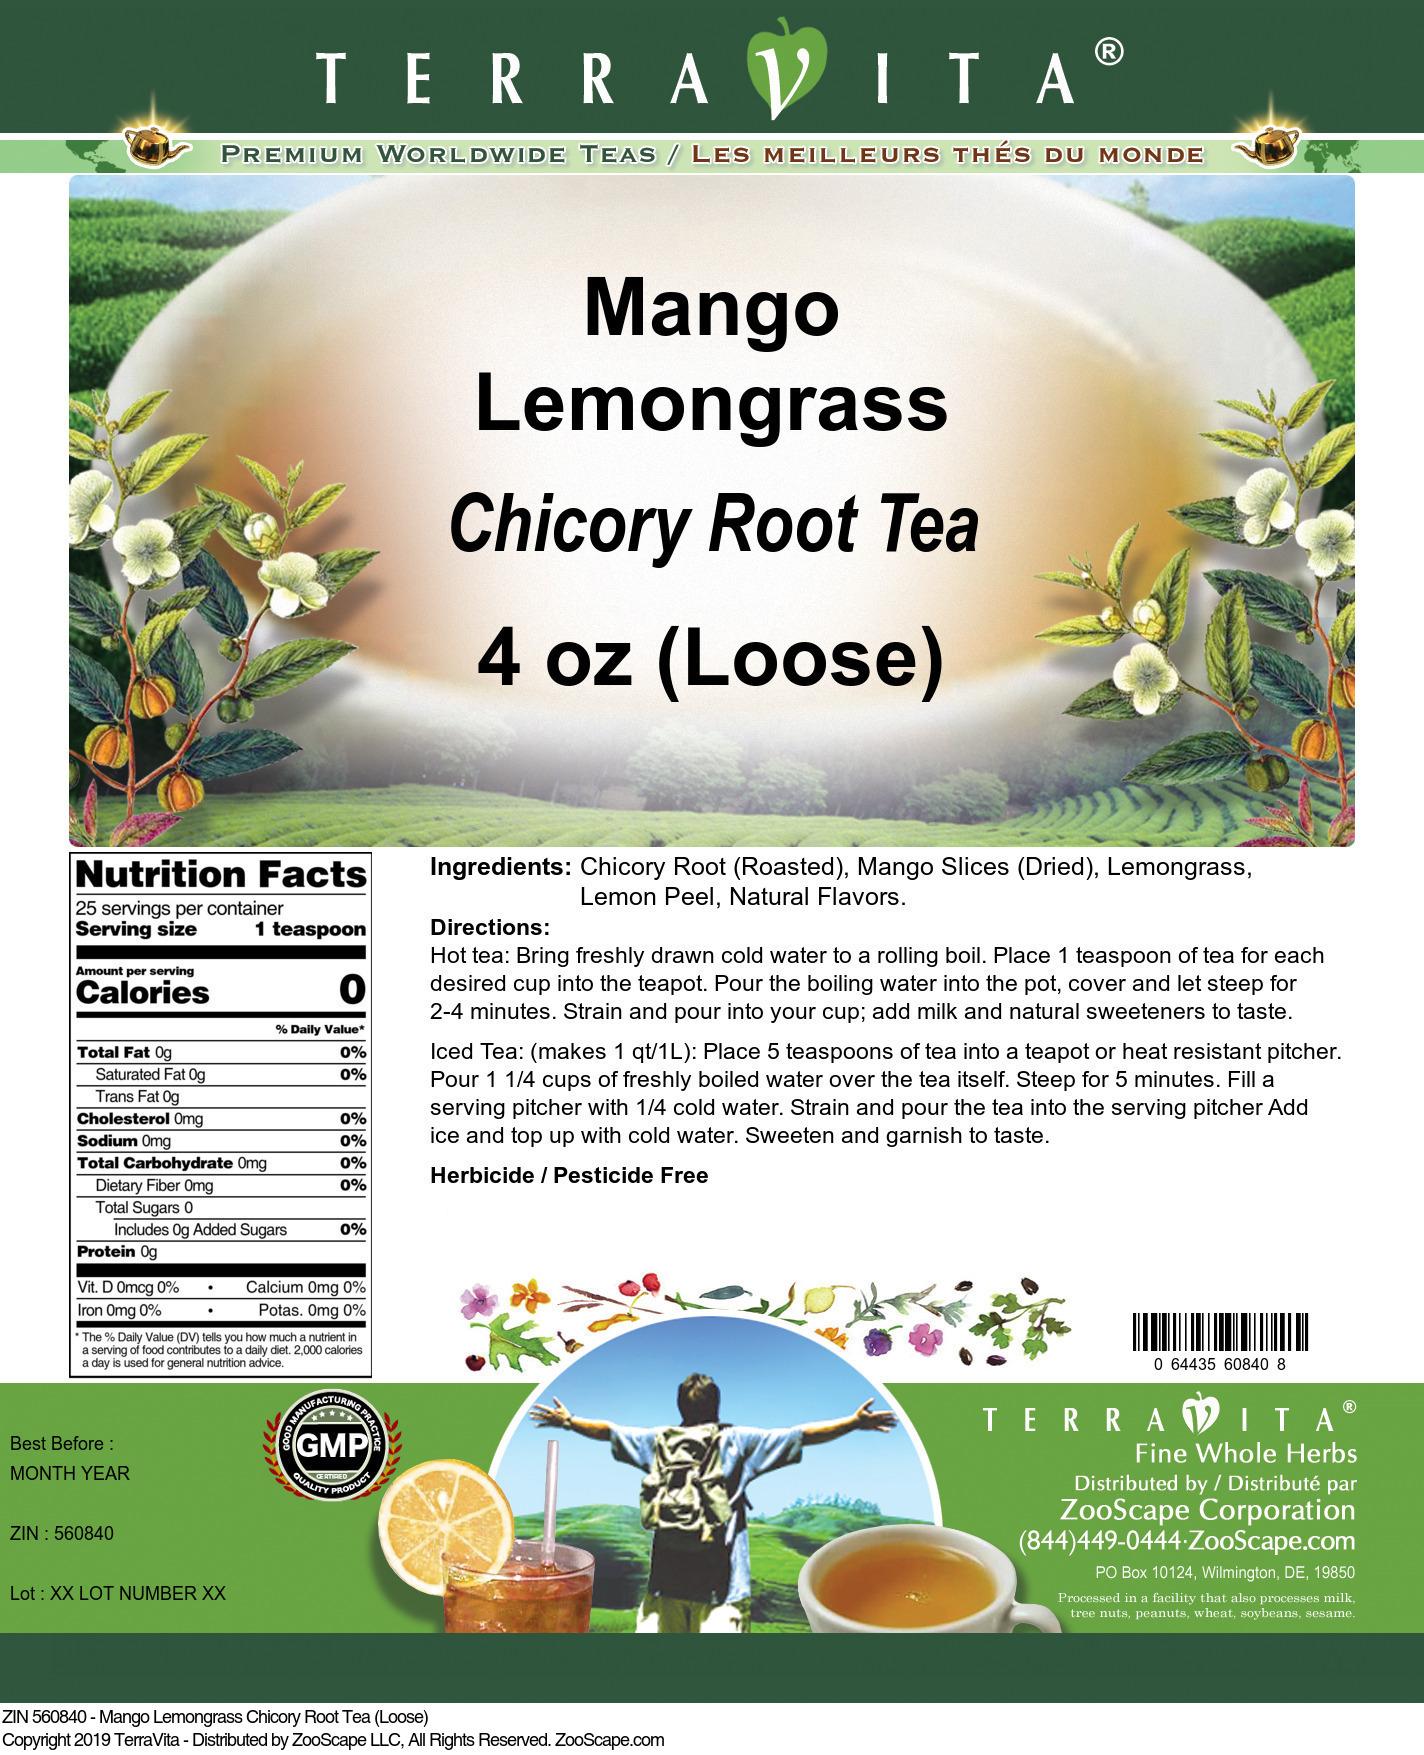 Mango Lemongrass Chicory Root Tea (Loose)